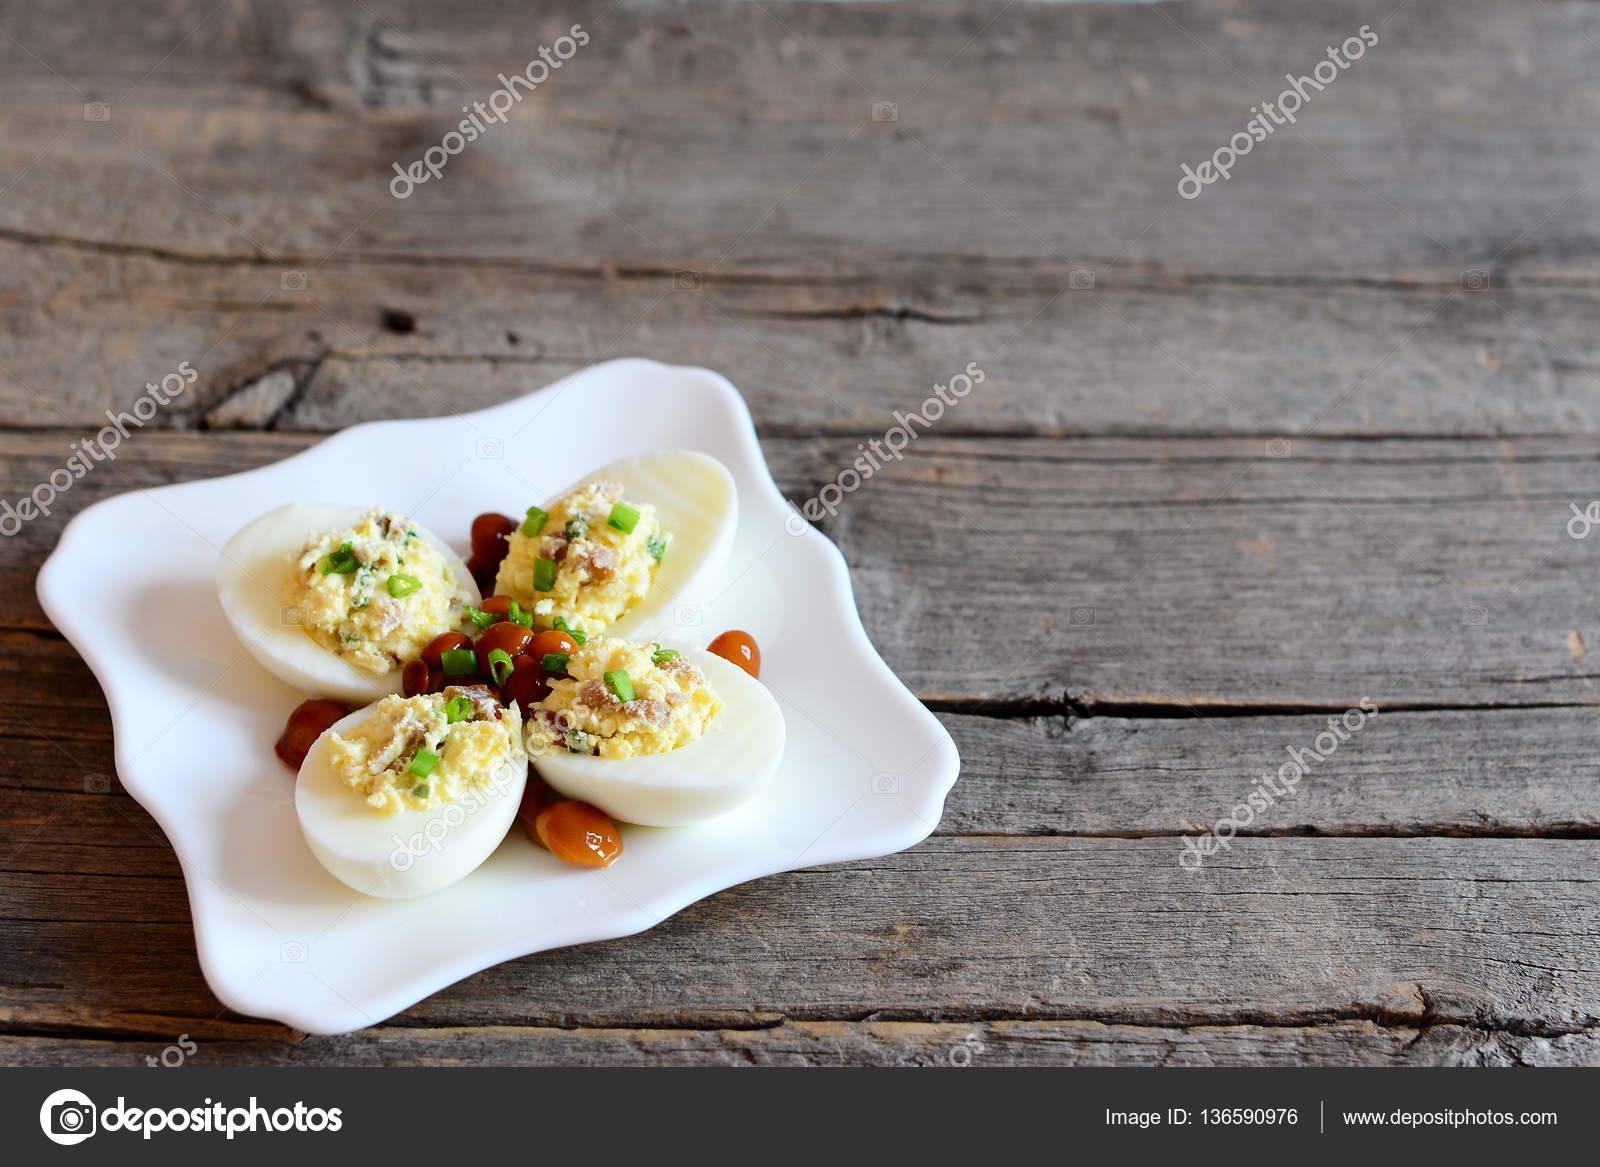 Acılı yumurta tarifi